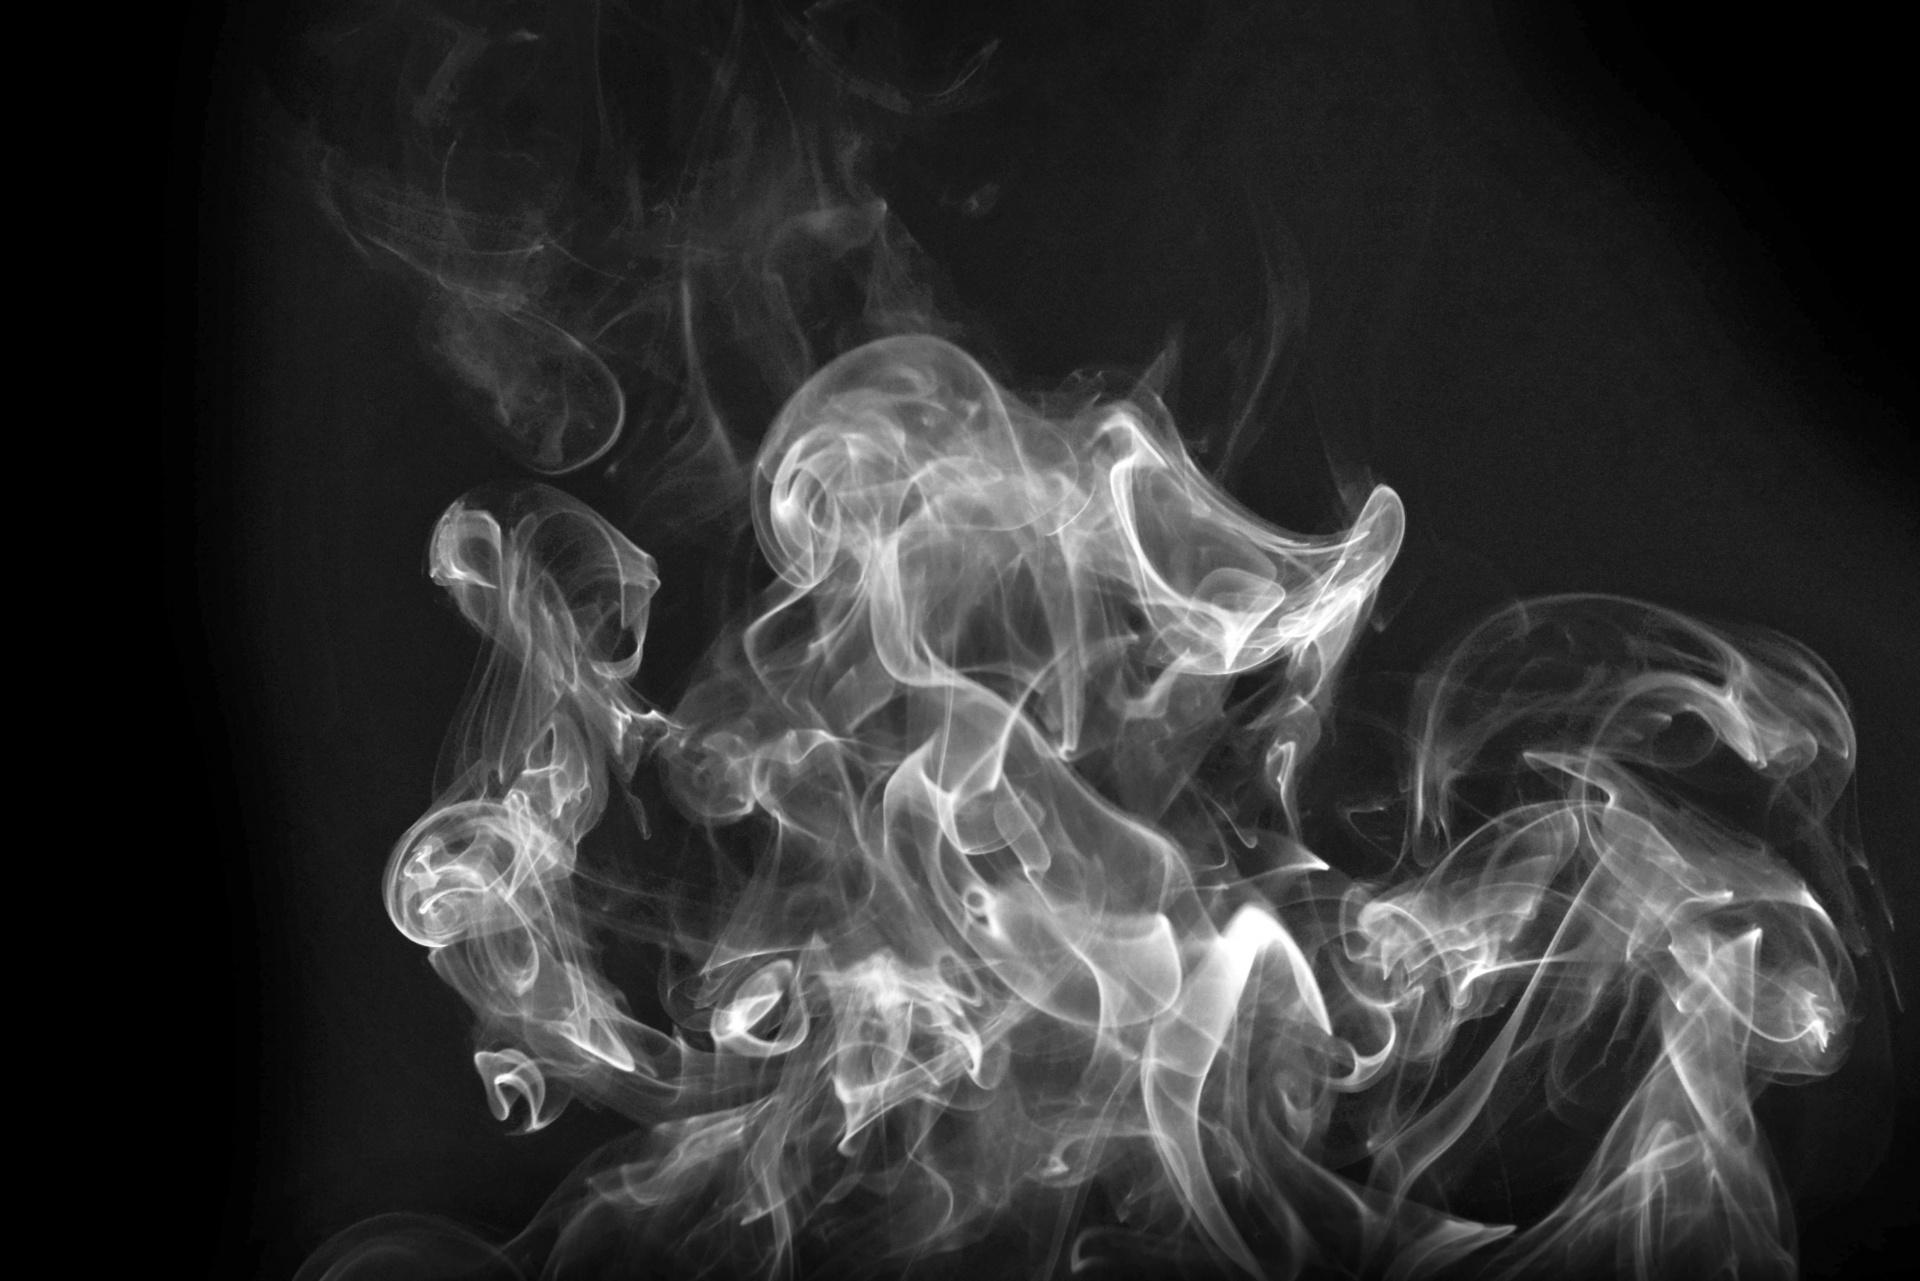 Procura-se um cigarro de amor profundo